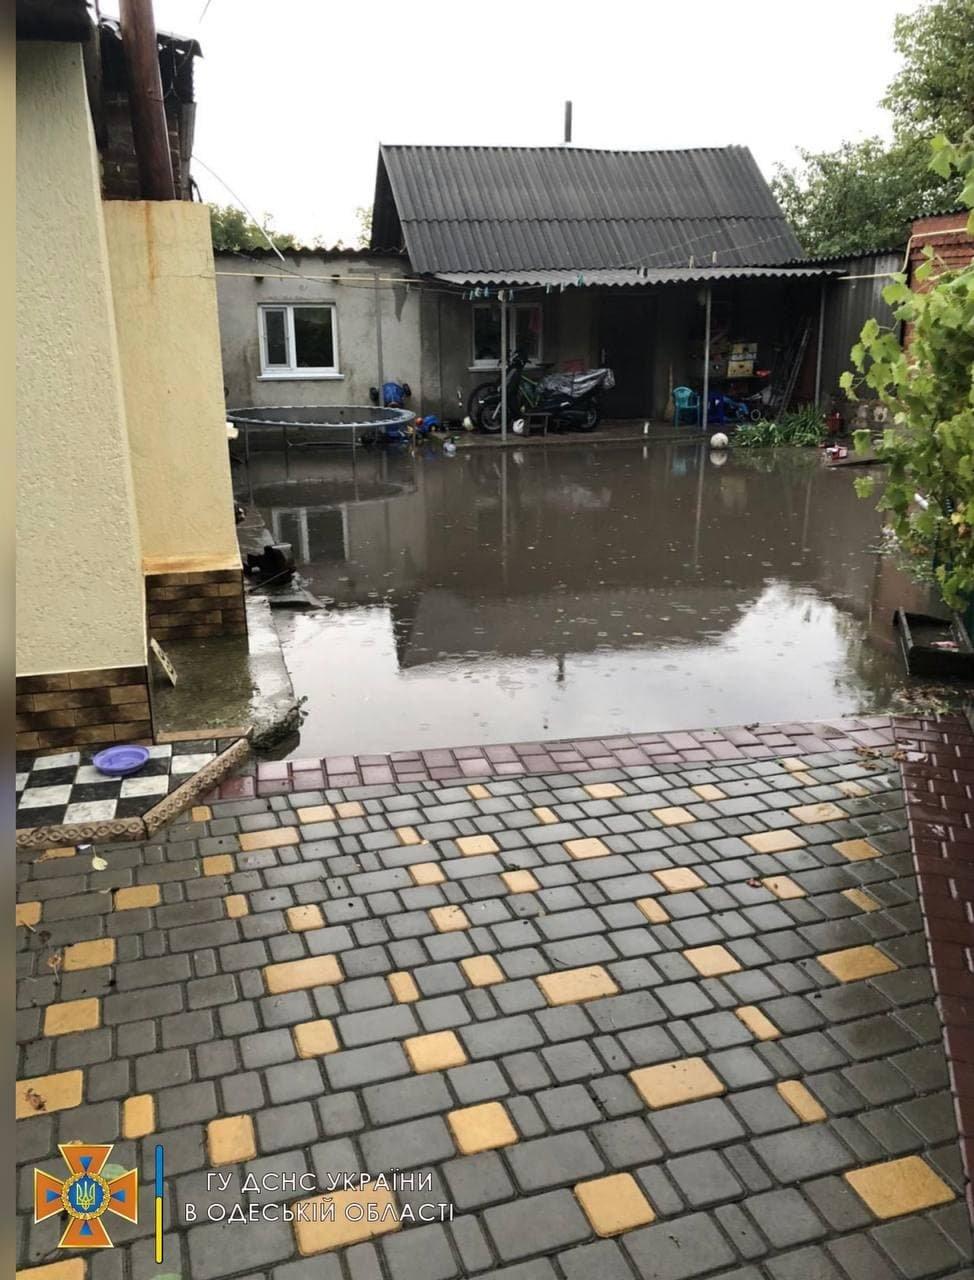 Затопленные дома, поврежденные крыши и деревья: в Одесской области бушевала стихия, - ФОТО, фото-1